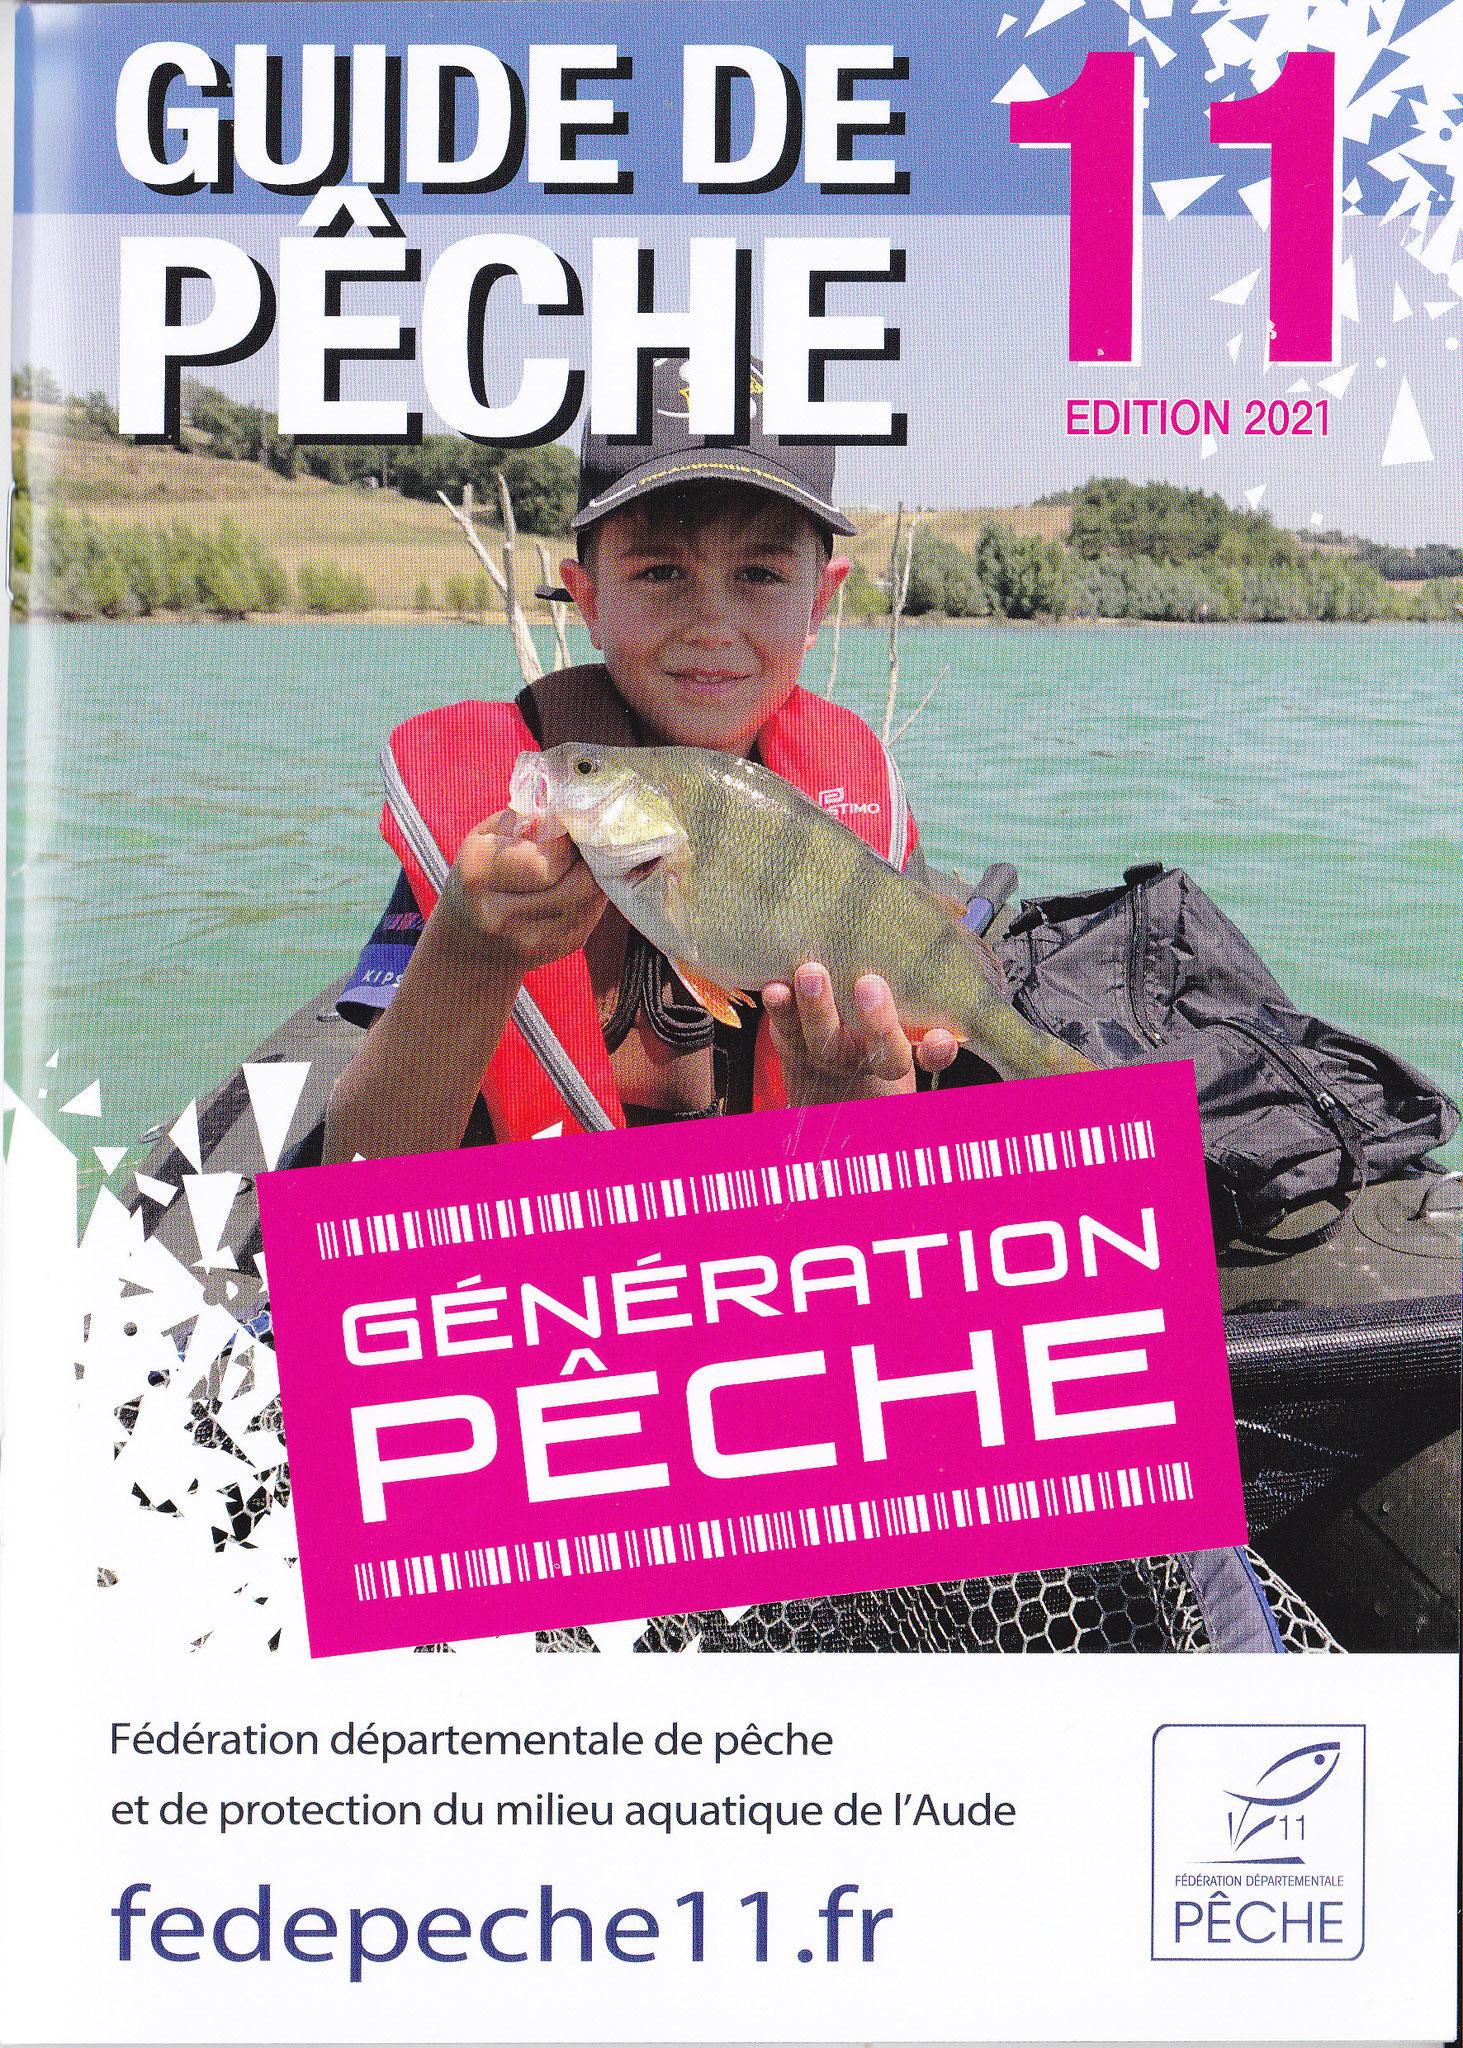 Guide de Pêche 2021